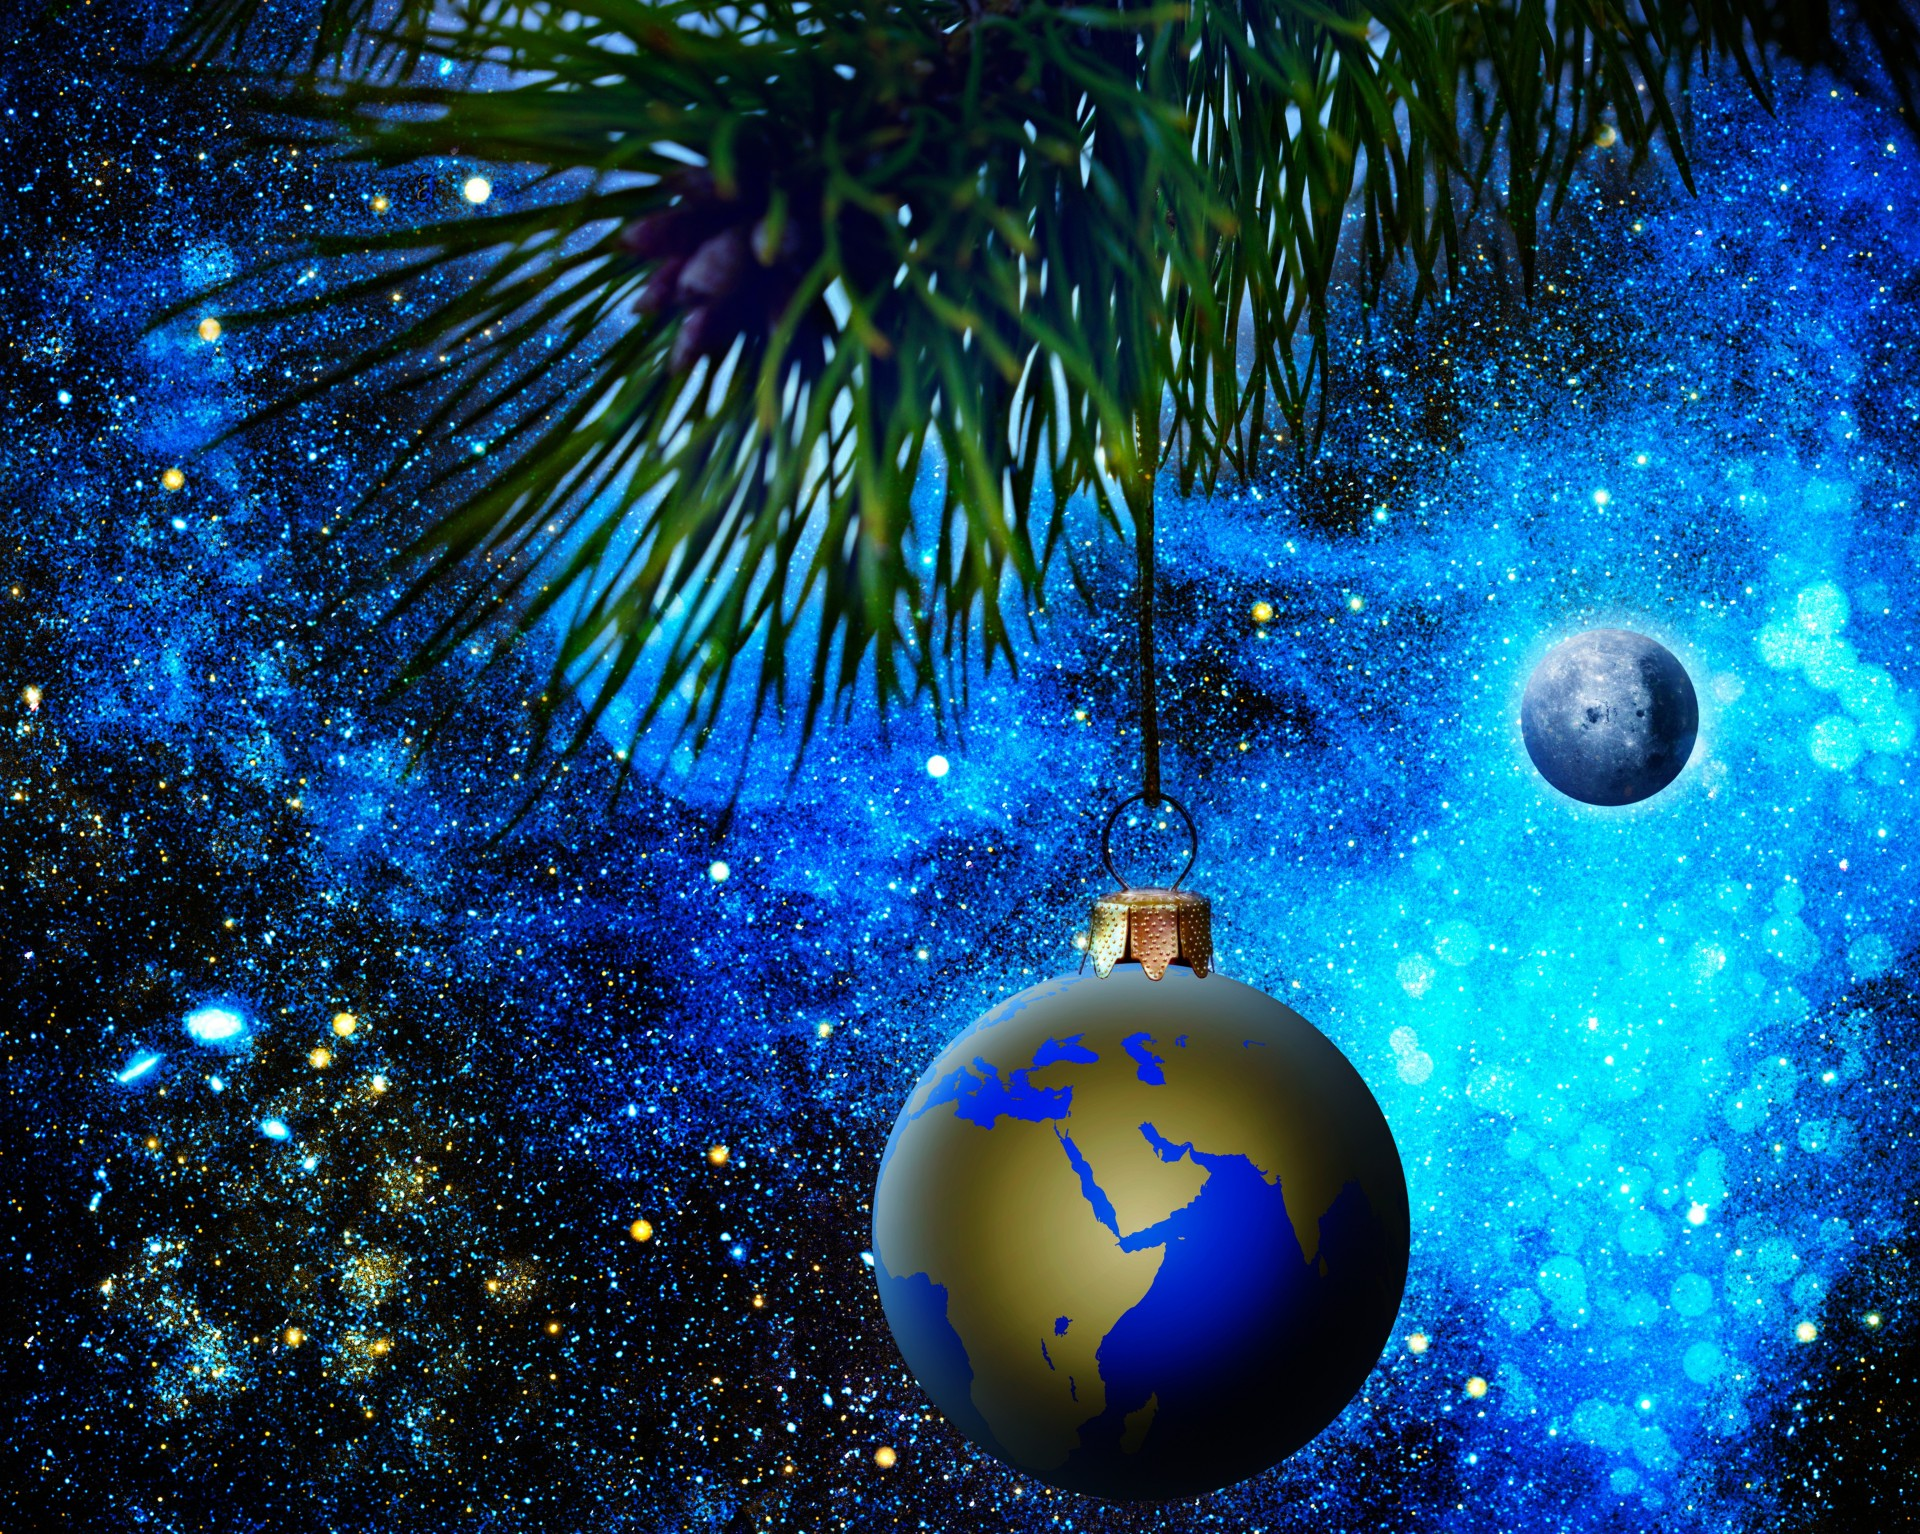 Космическая тема на новый год